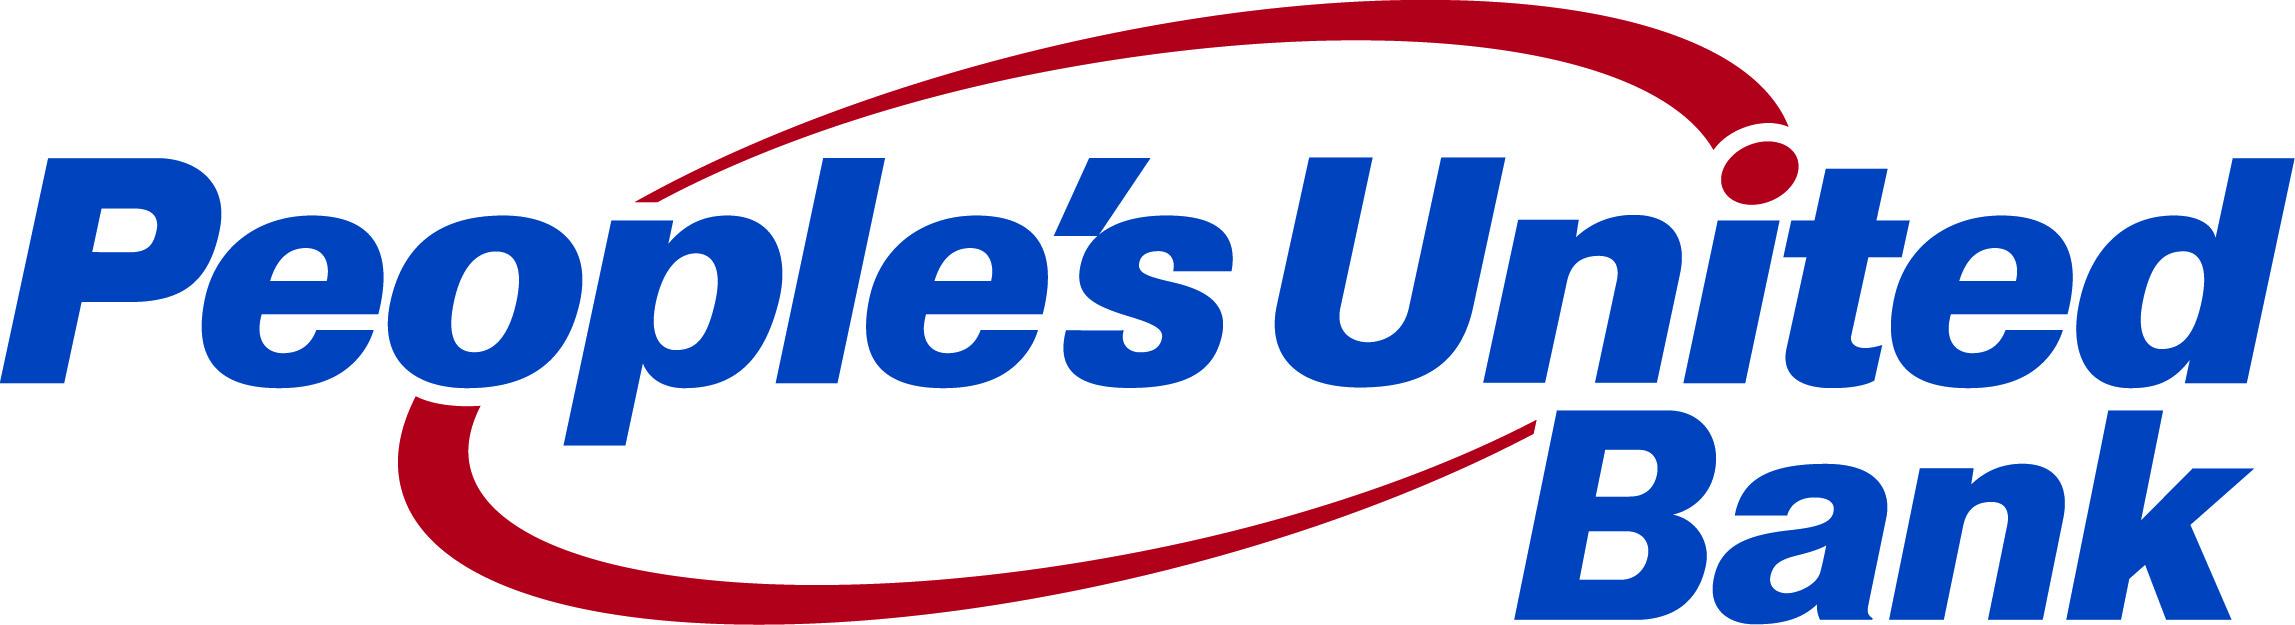 Peoples-United-Bank.jpg